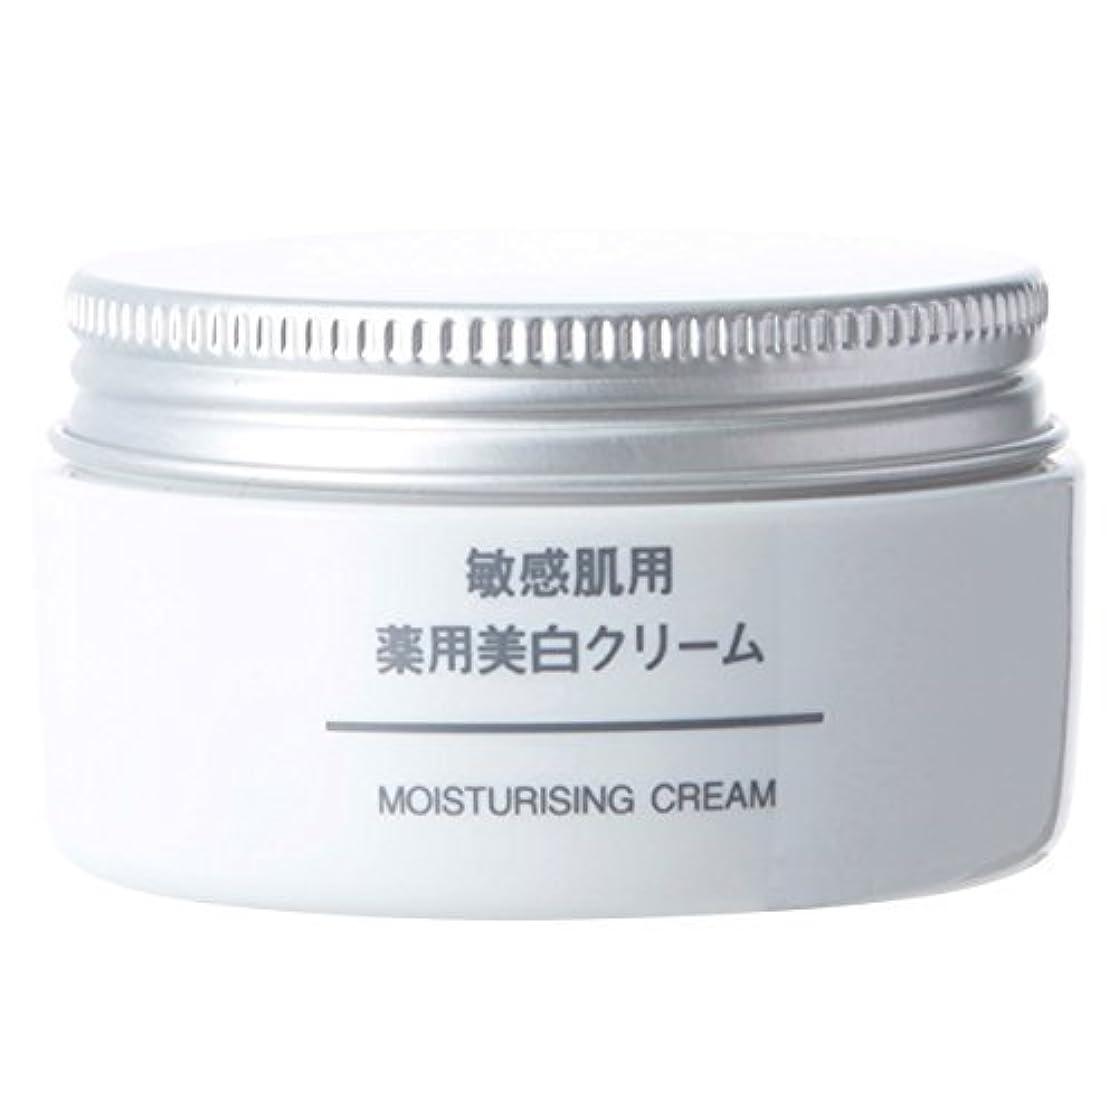 白菜密度受益者無印良品 敏感肌用薬用美白クリーム (新)45g